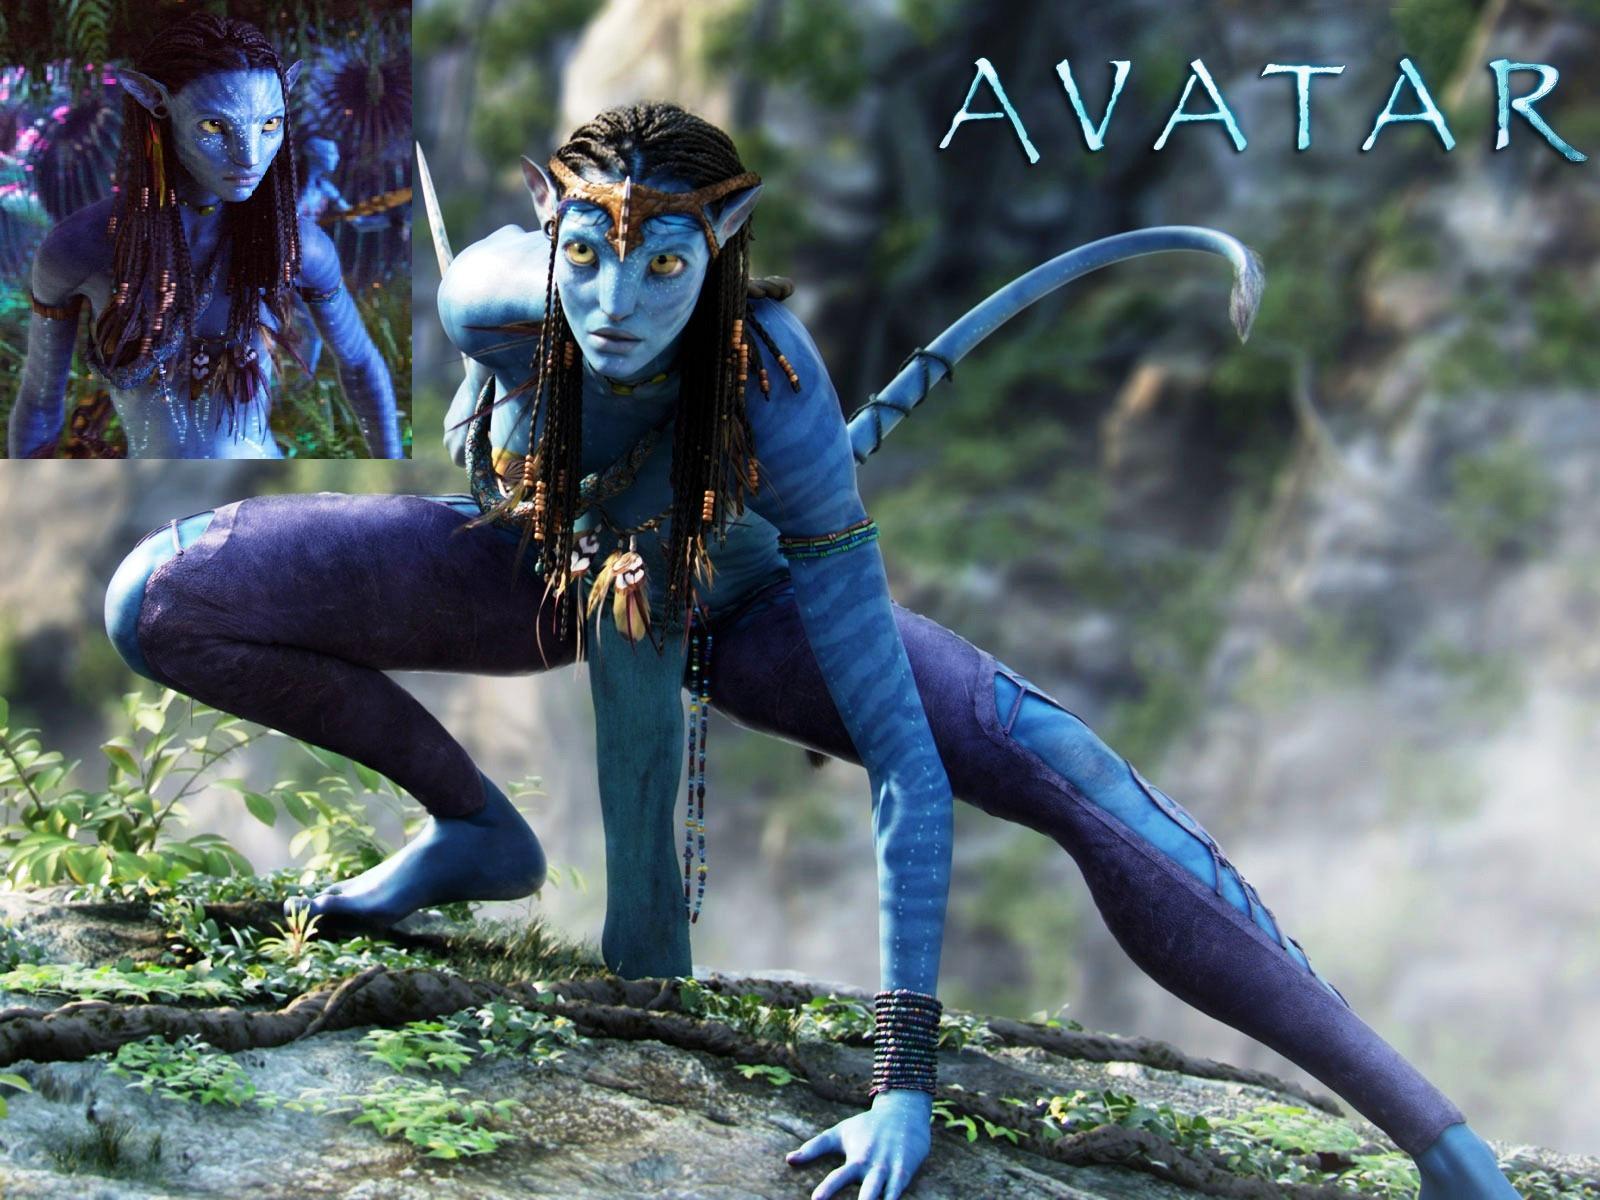 http://1.bp.blogspot.com/_AEpBG4_C_yg/TAks2xtqAXI/AAAAAAAAAMg/QSxLnyHJlFk/s1600/Avatar+_+Zoe+Saldana.jpg